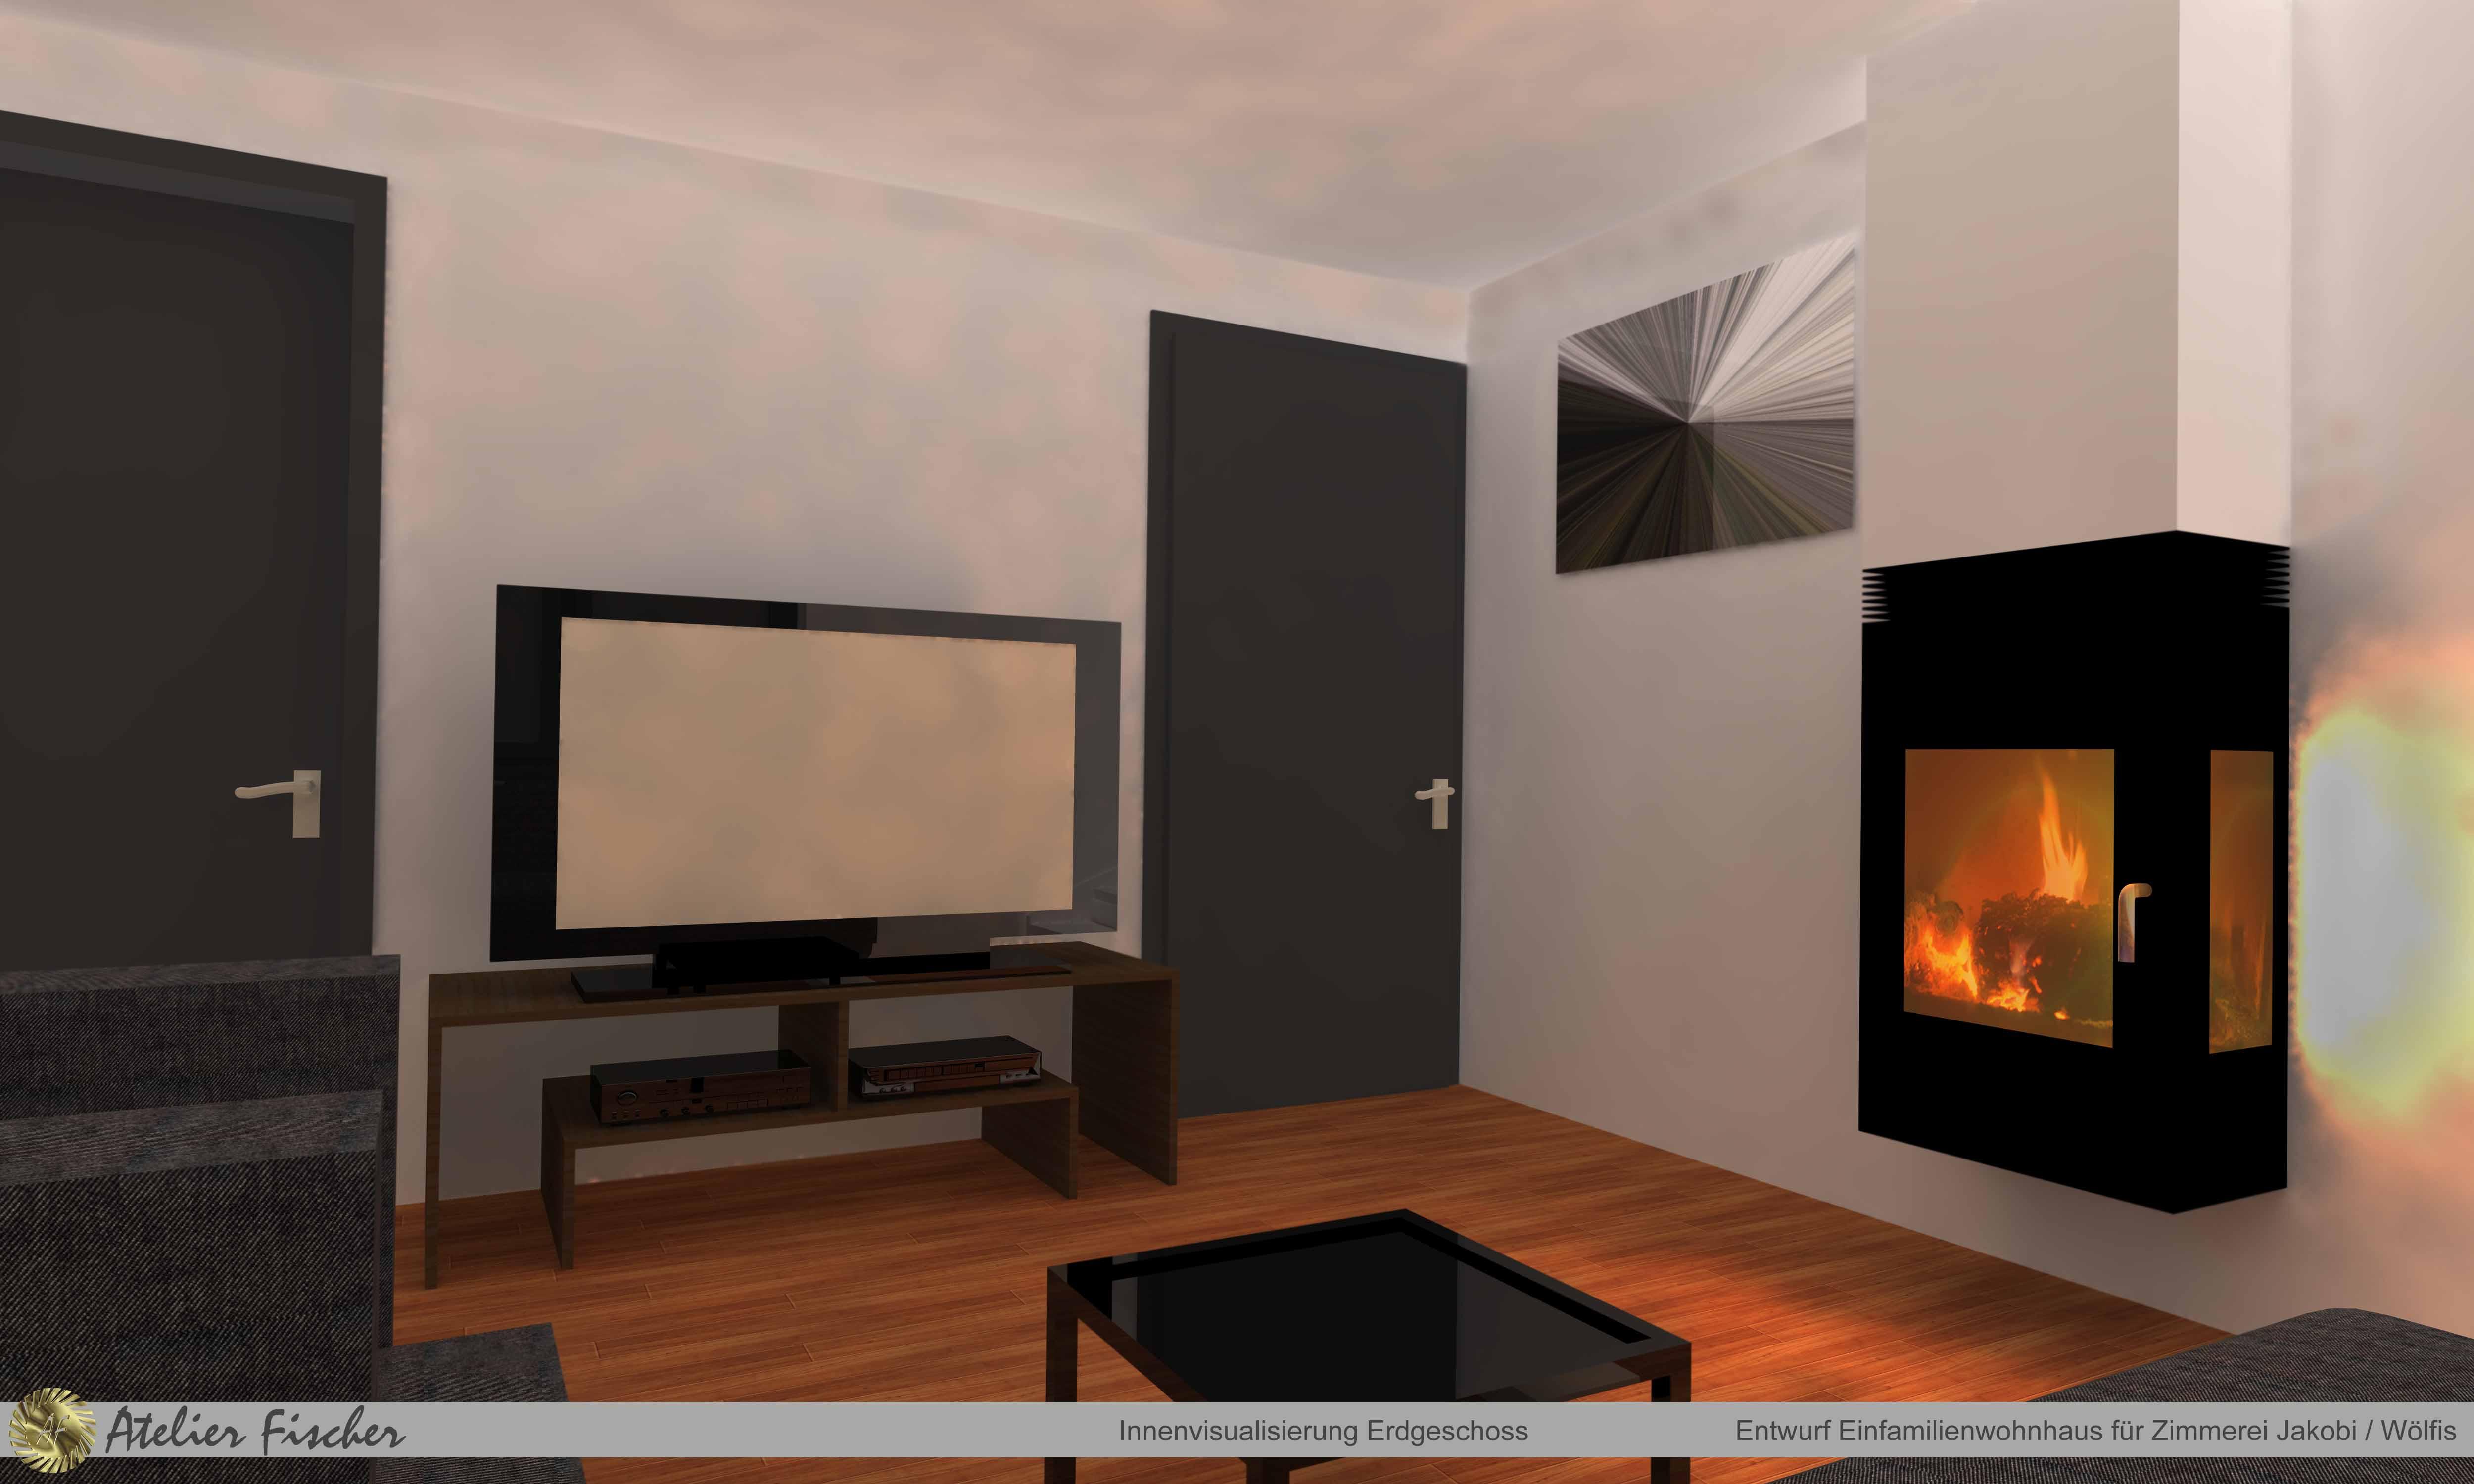 Innenvisualisierung Einfamilienwohnhaus für Zimmerei Jakobi / Wölfis